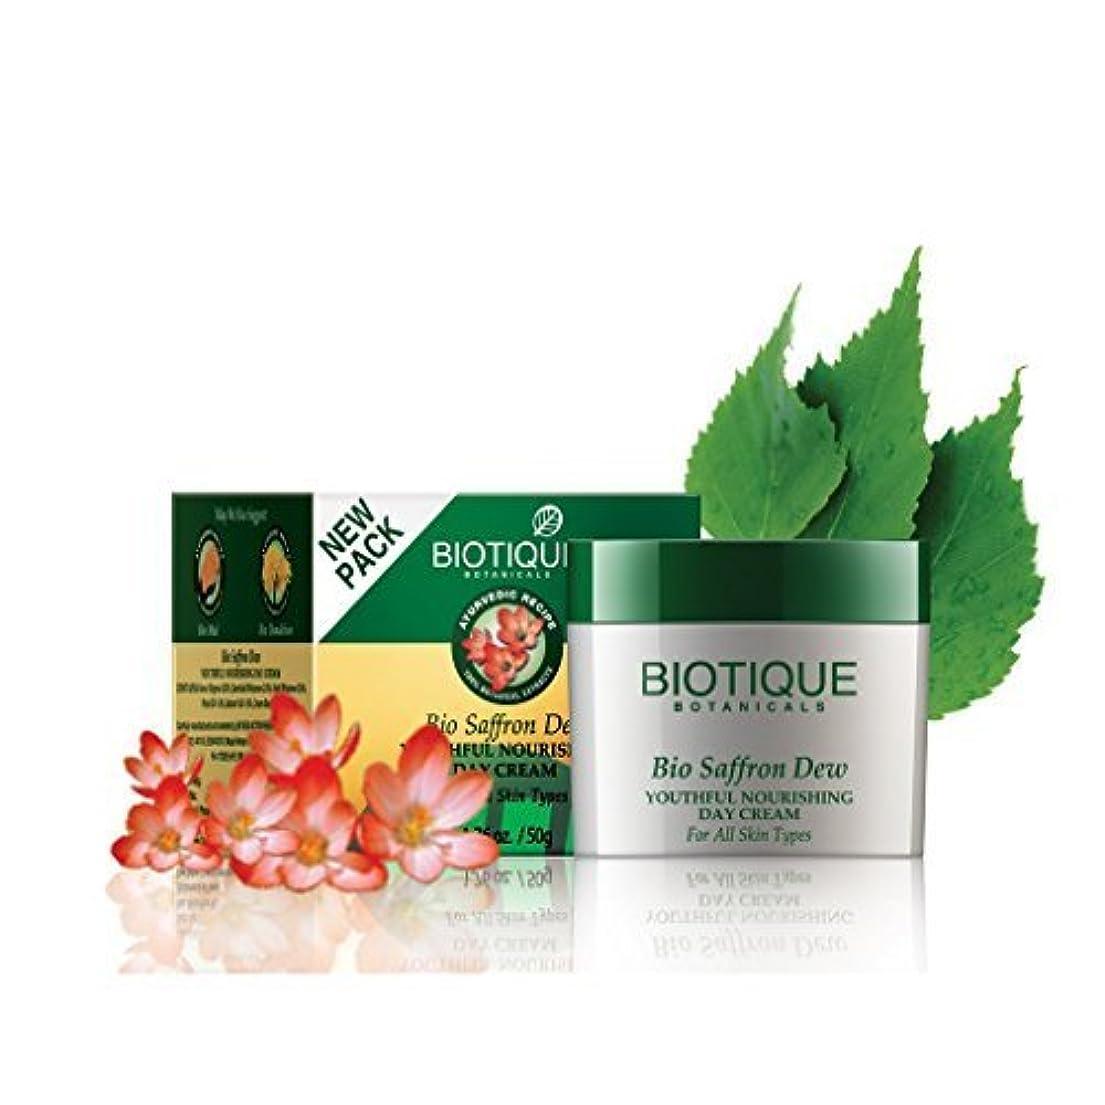 分解する雨間違っているBiotique Saffron Dew 50g -- Ageless face & body cream by Biotique [並行輸入品]